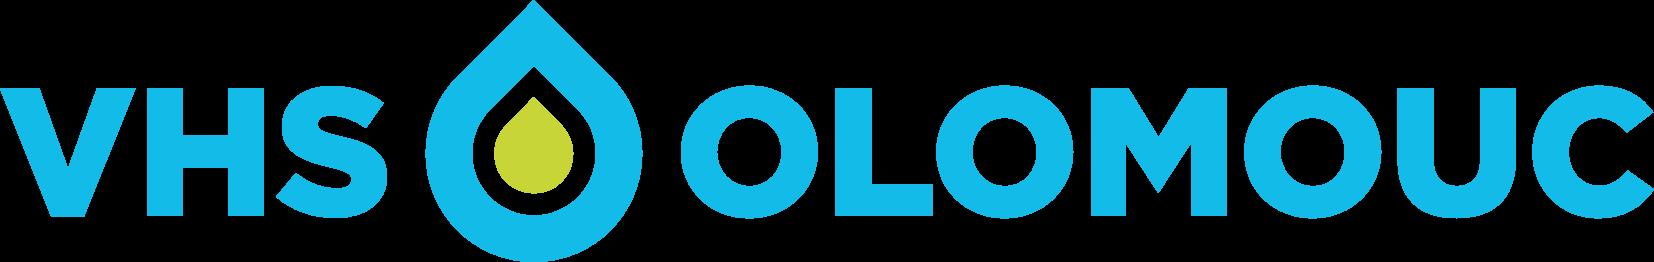 VHS Olomouc